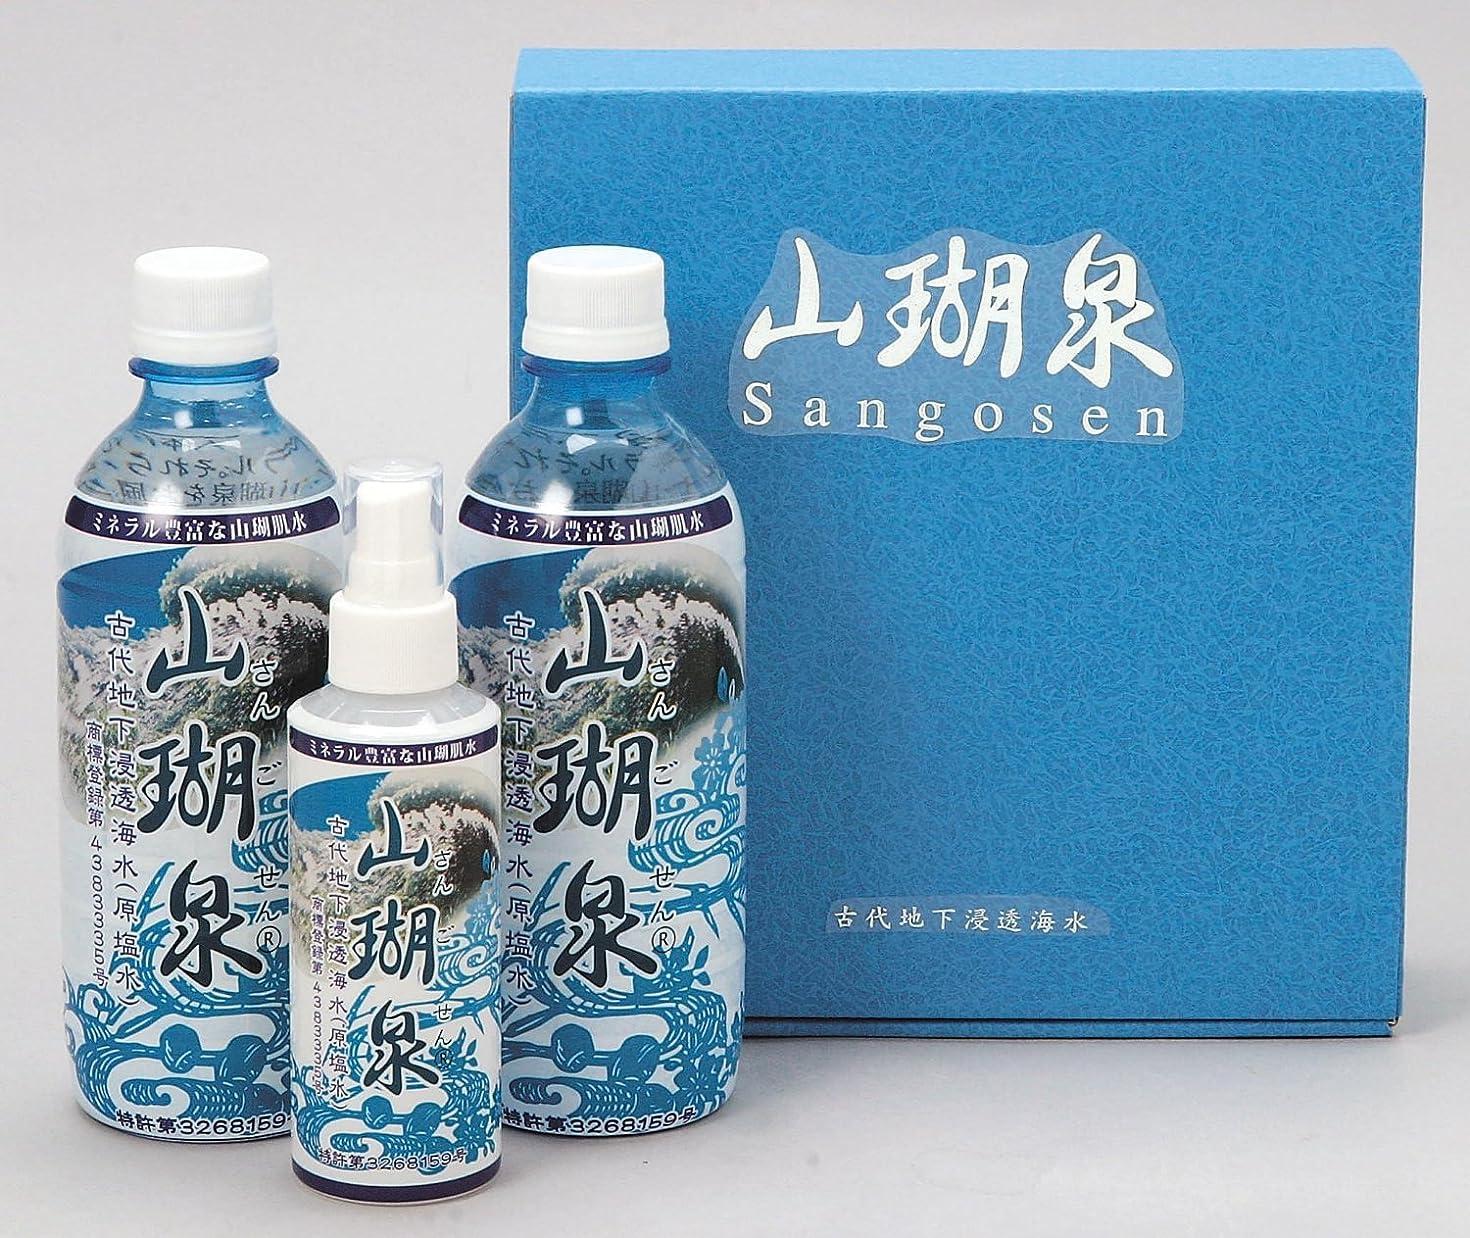 一元化するつぶやき変化する山瑚泉(化粧水)セット